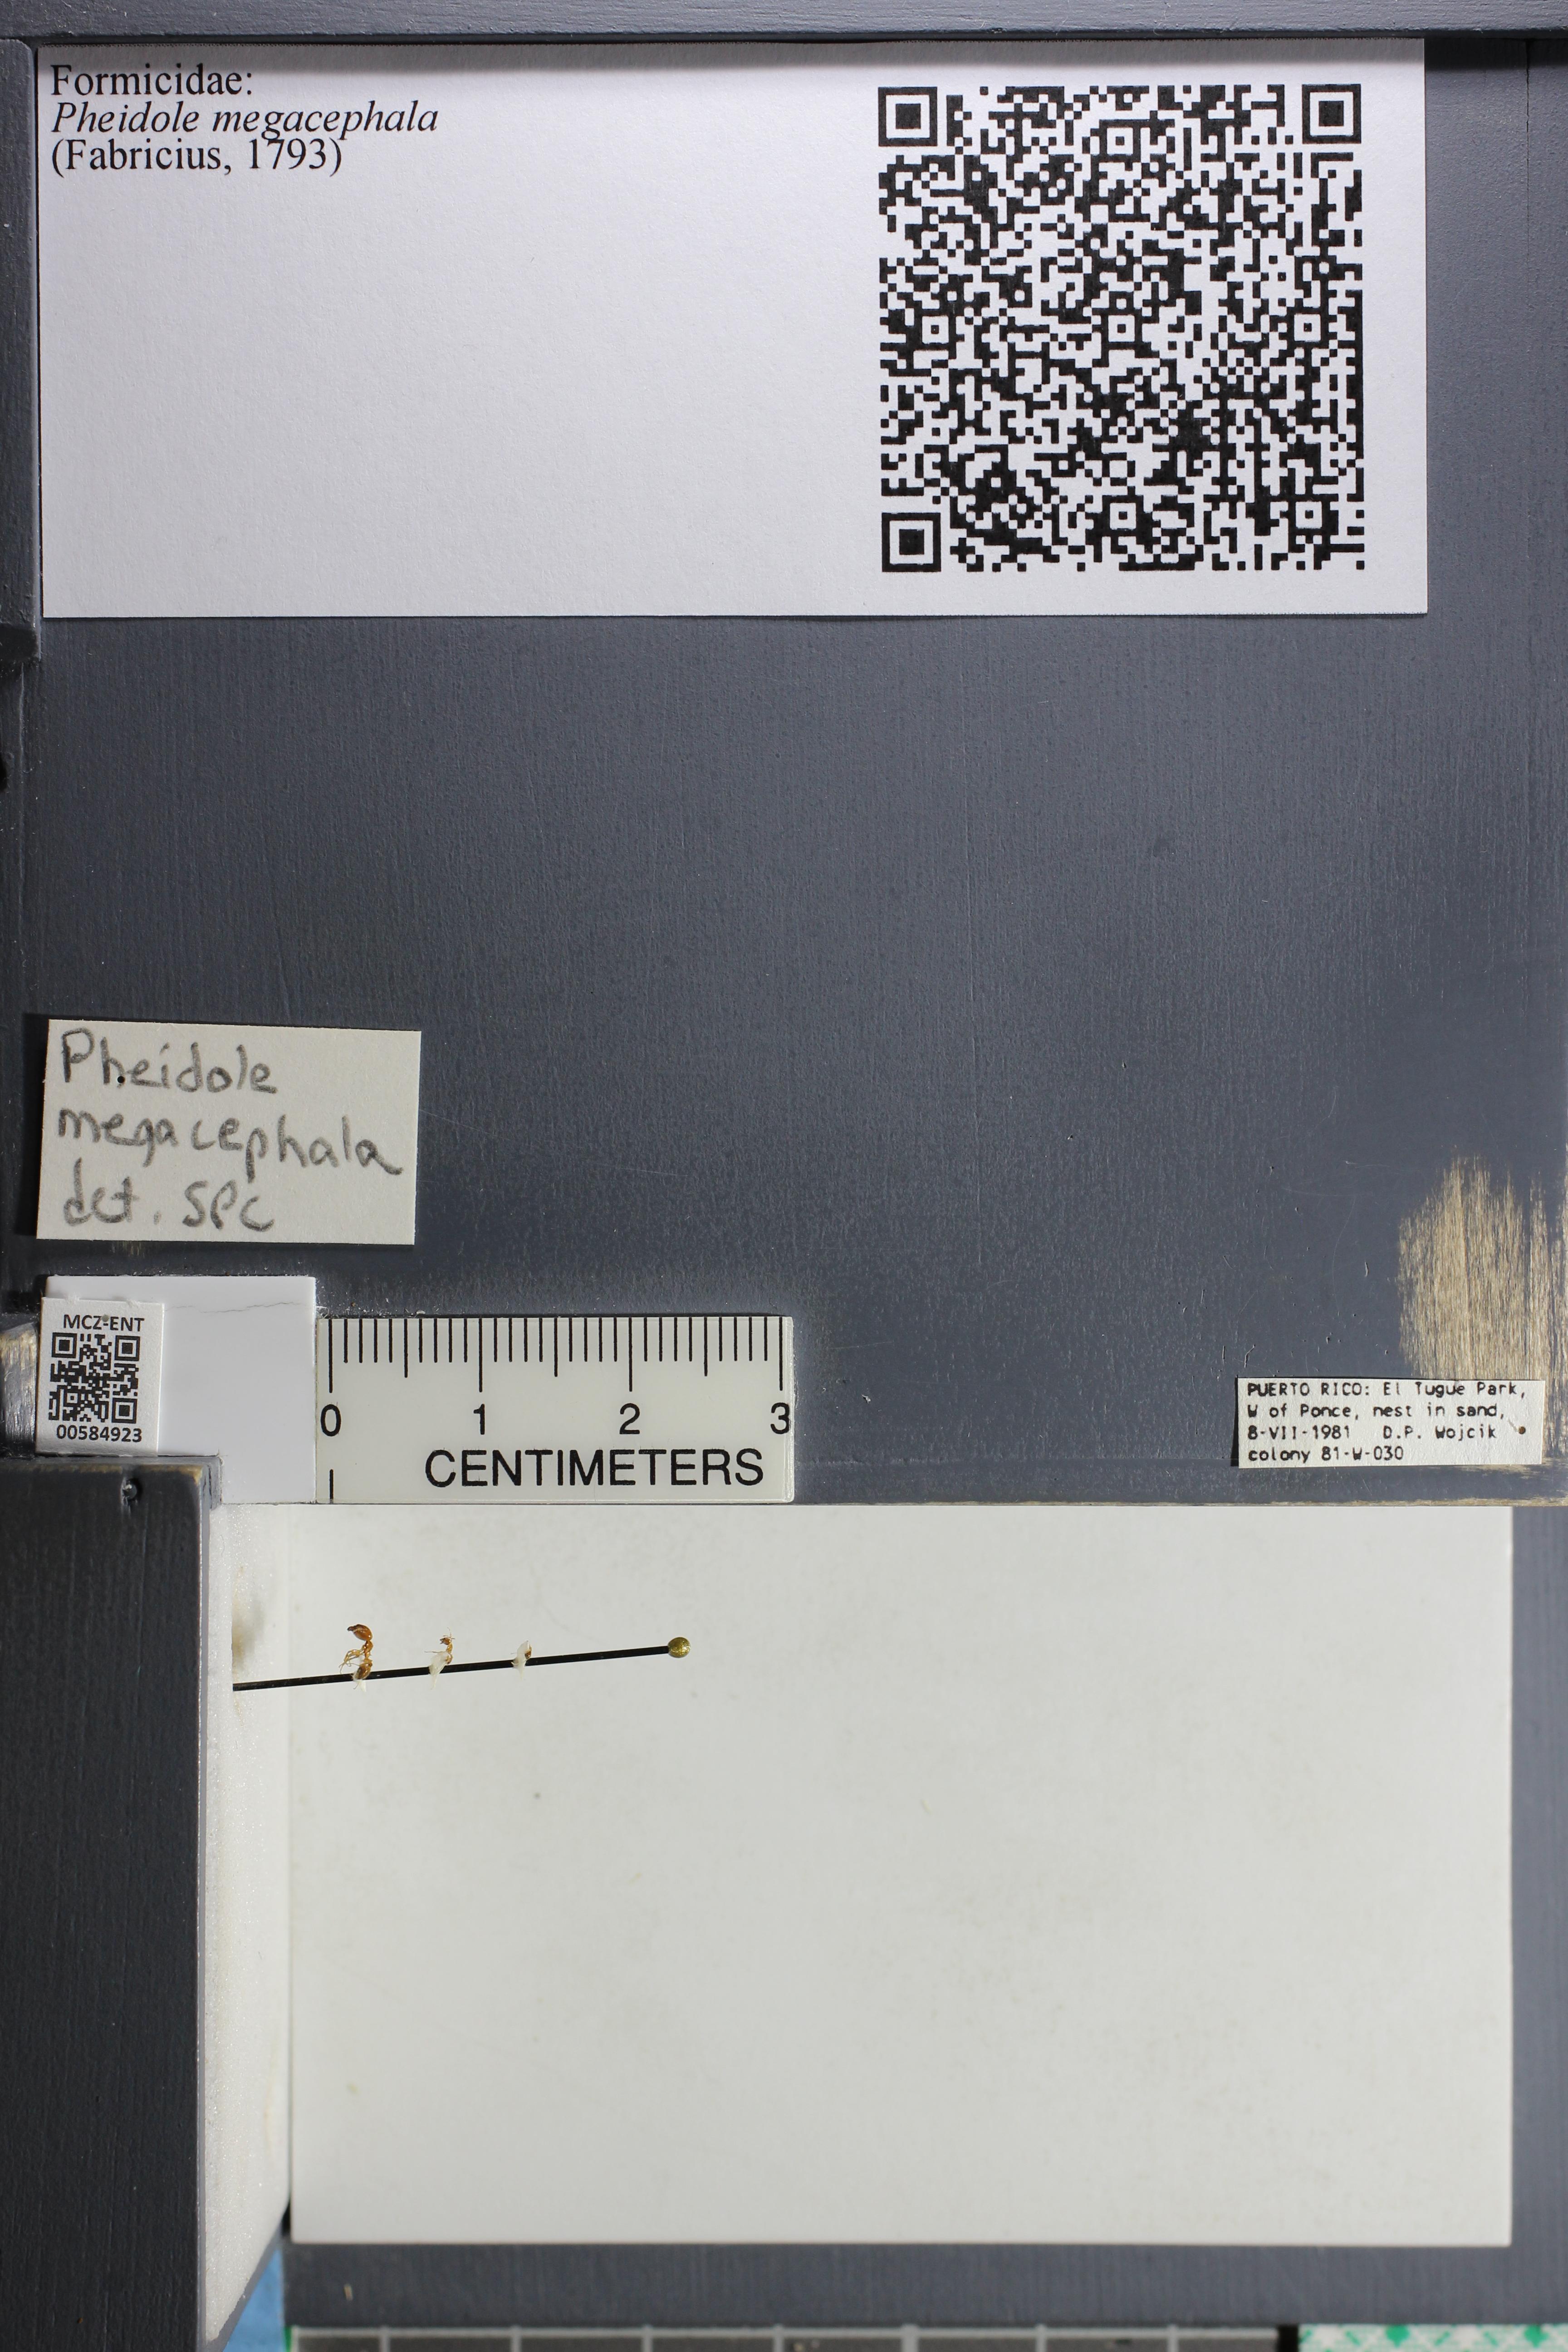 Media of type image, MCZ:Ent:584923 Identified as Pheidole megacephala.